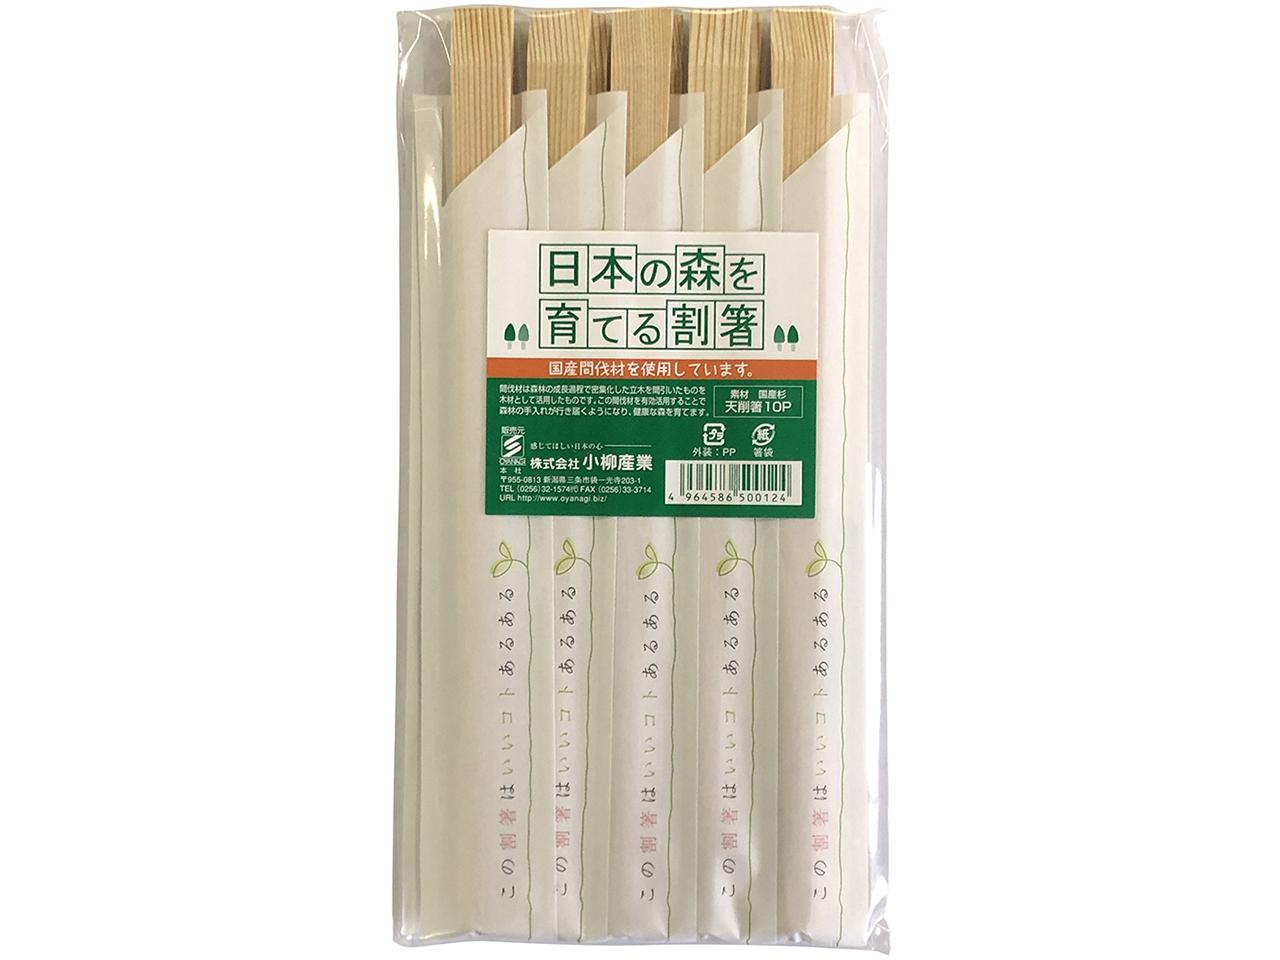 国産スギの割り箸 「日本の森を育てる割箸 杉天削10膳」 ポストIN発送対応商品